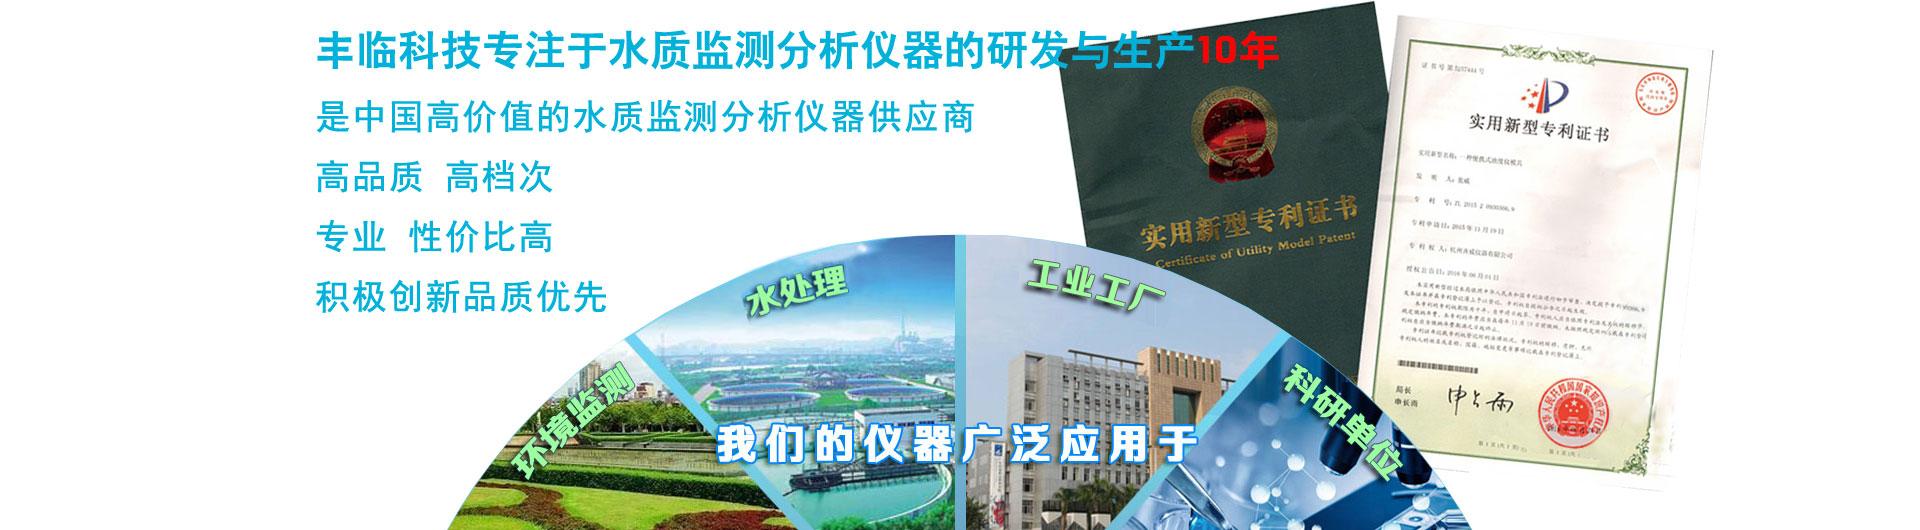 丰临科技专注于水质检测分析仪,在线监测分析仪器仪表10年,是中国专业的水质检测仪器提供商。